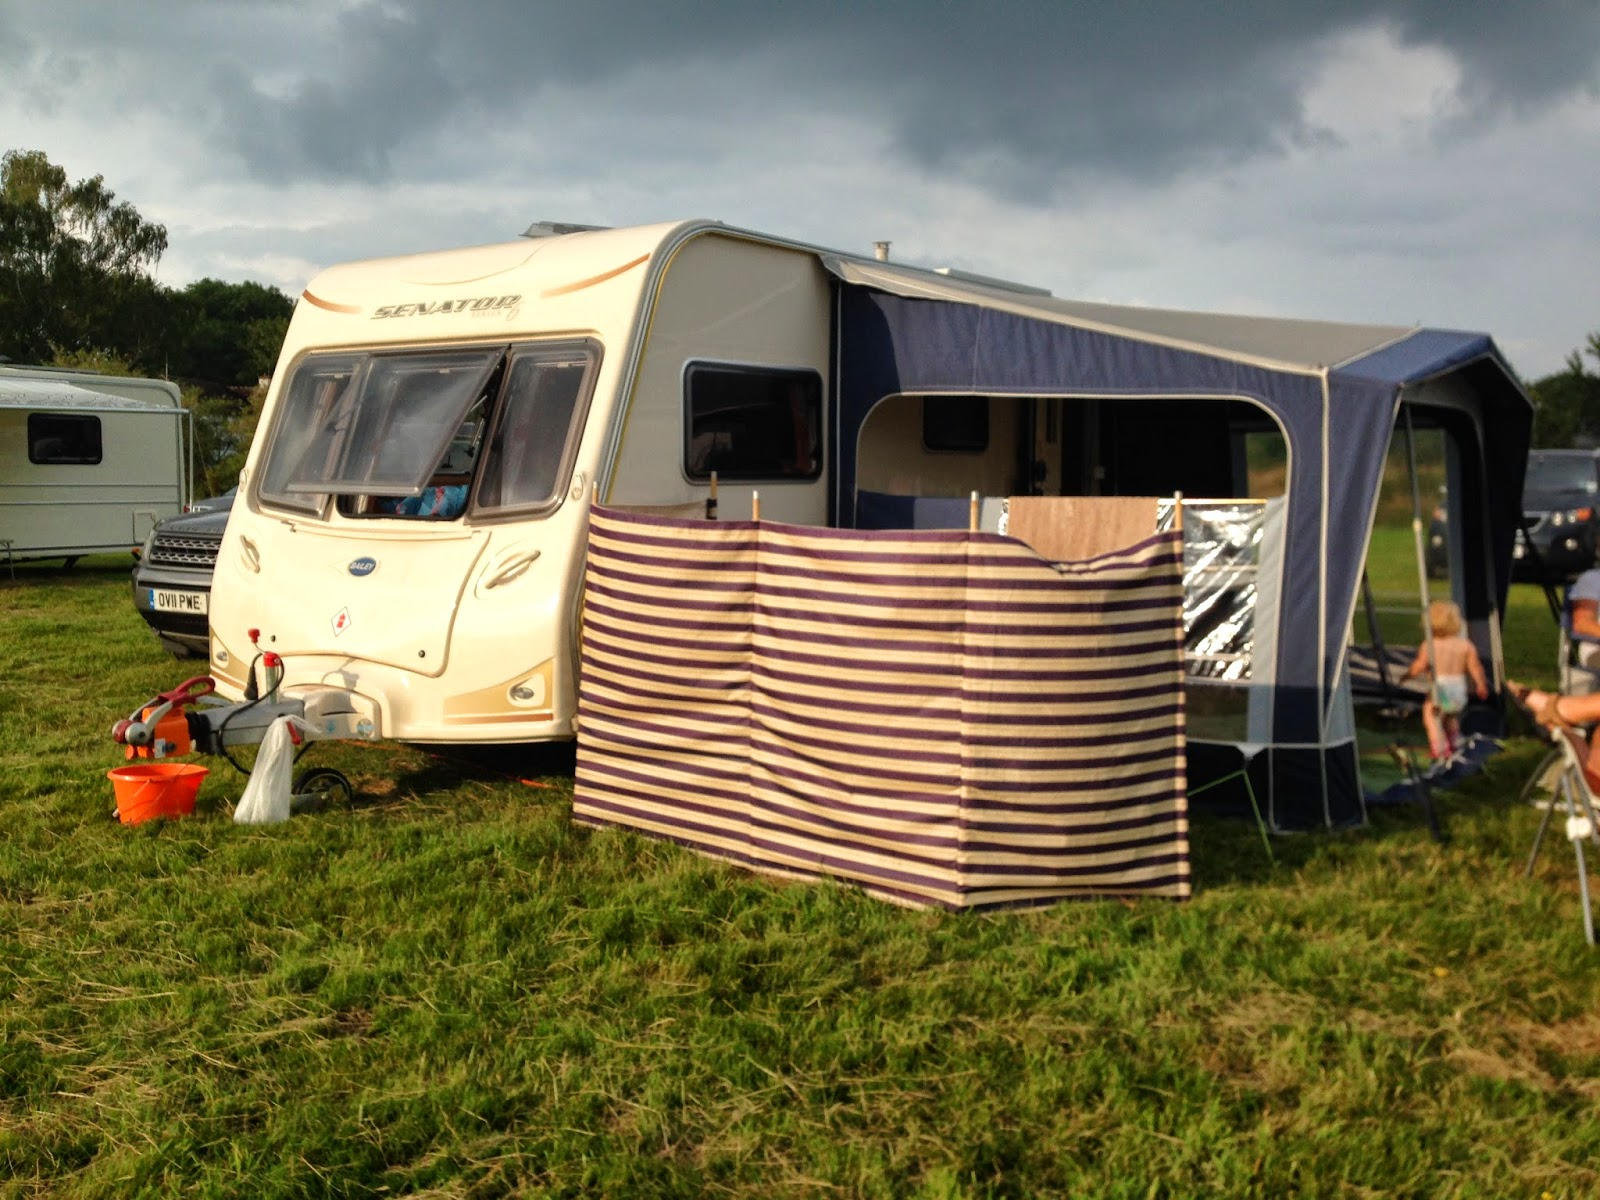 Caravan and awning under dark skies